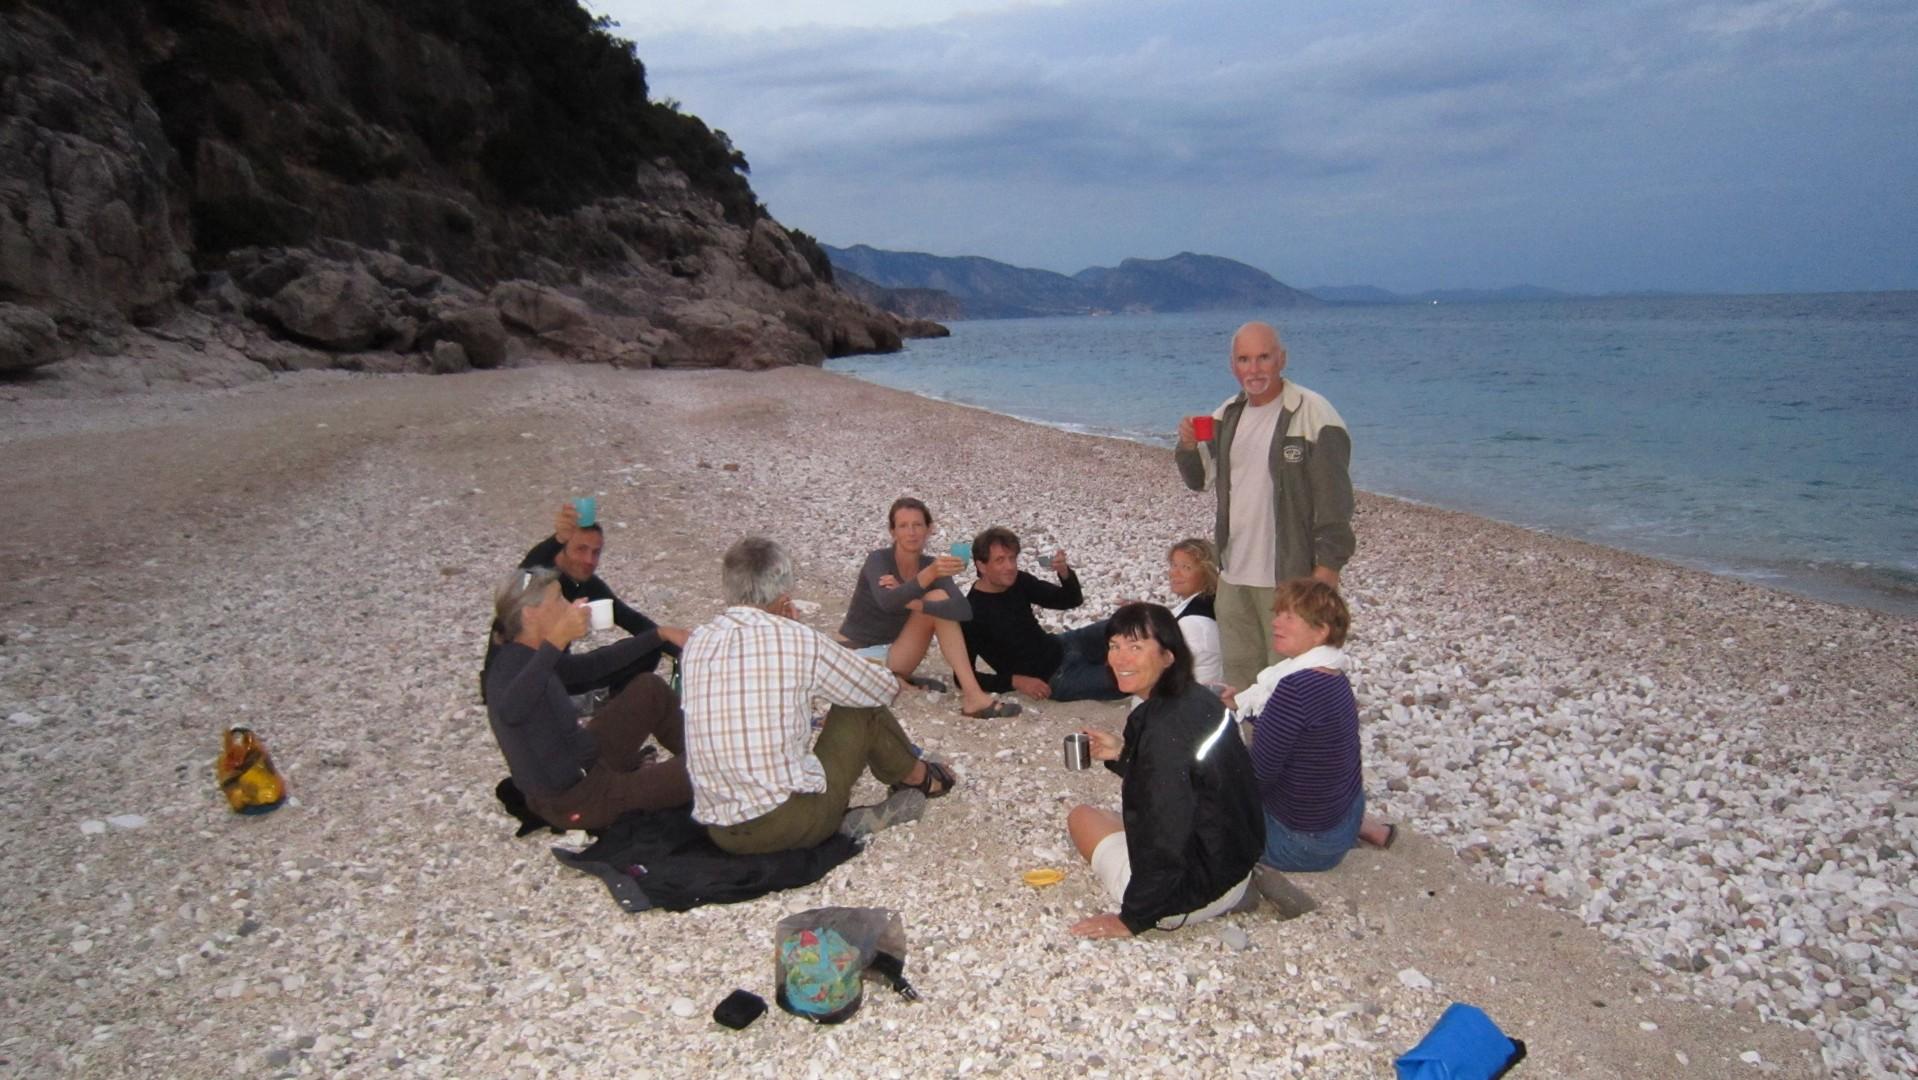 Kayak 2010 087.jpg - Sardinia - Wilderness Blue Sea Kayaking - Kayaking